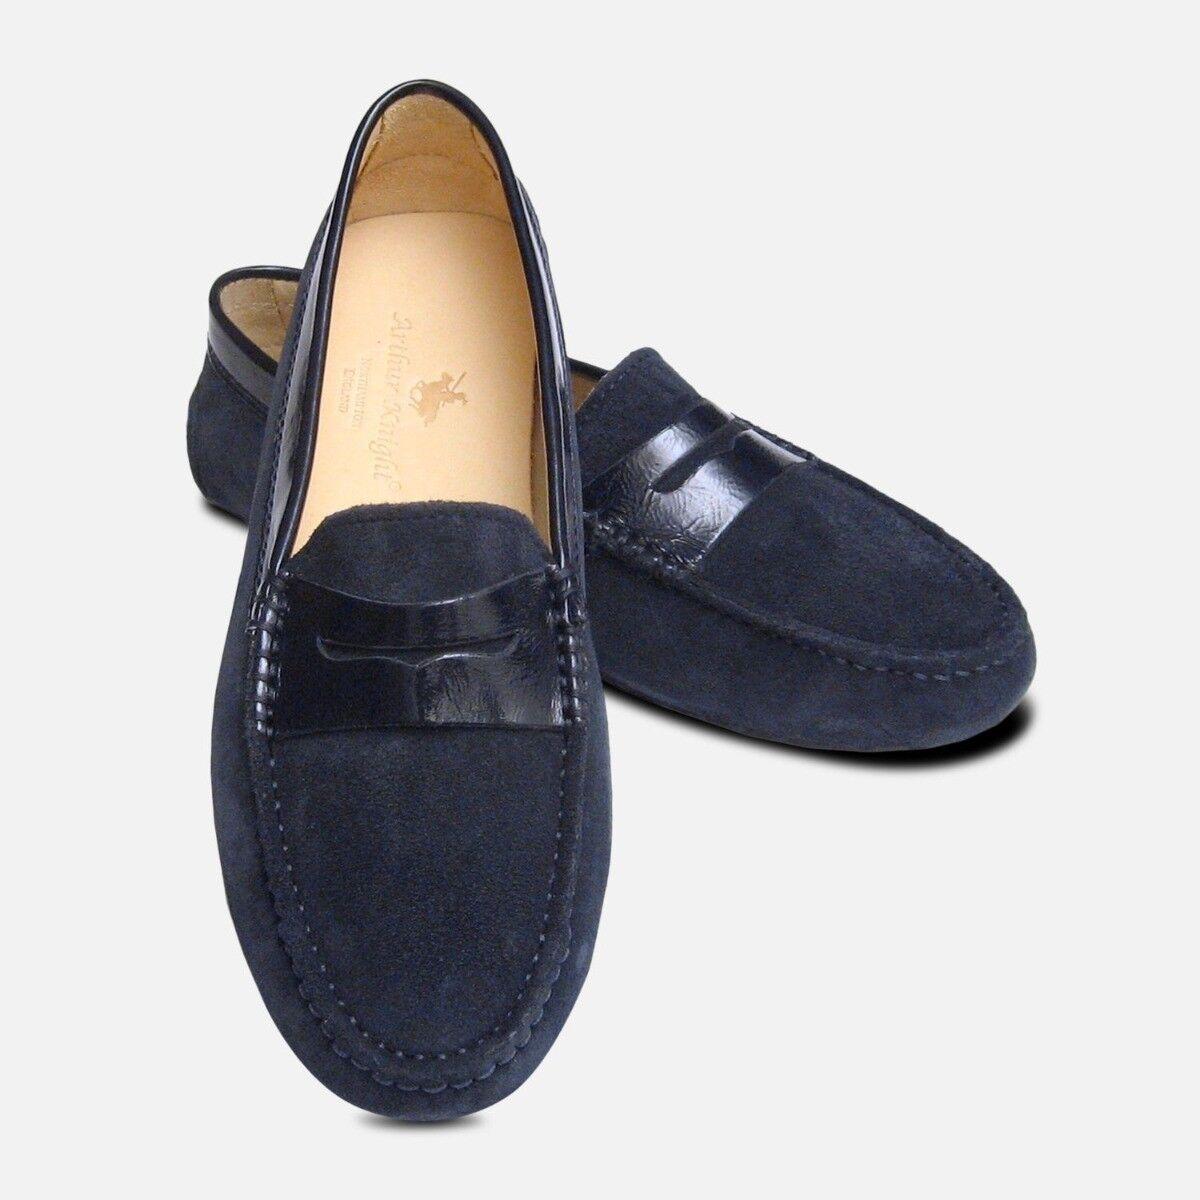 negozio di moda in vendita Navy blu Suede & BREVETTO BREVETTO BREVETTO Arthur Knight Donna Scarpe di guida italiano  fino al 50% di sconto